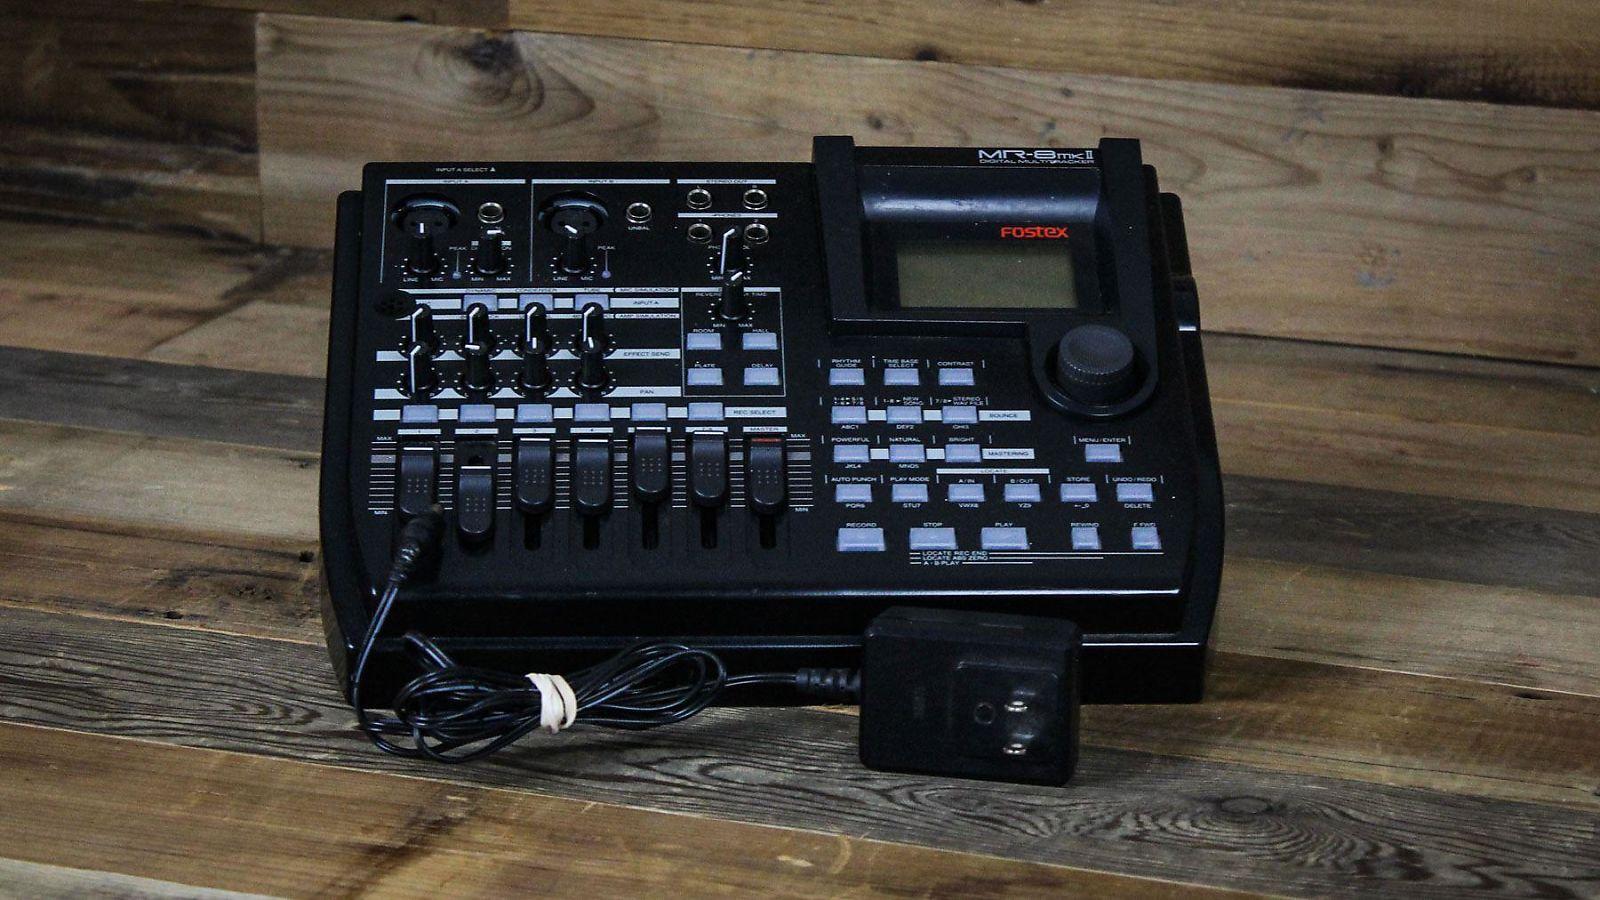 fostex mr 8 mk2 digital 8 track recorder reverb. Black Bedroom Furniture Sets. Home Design Ideas